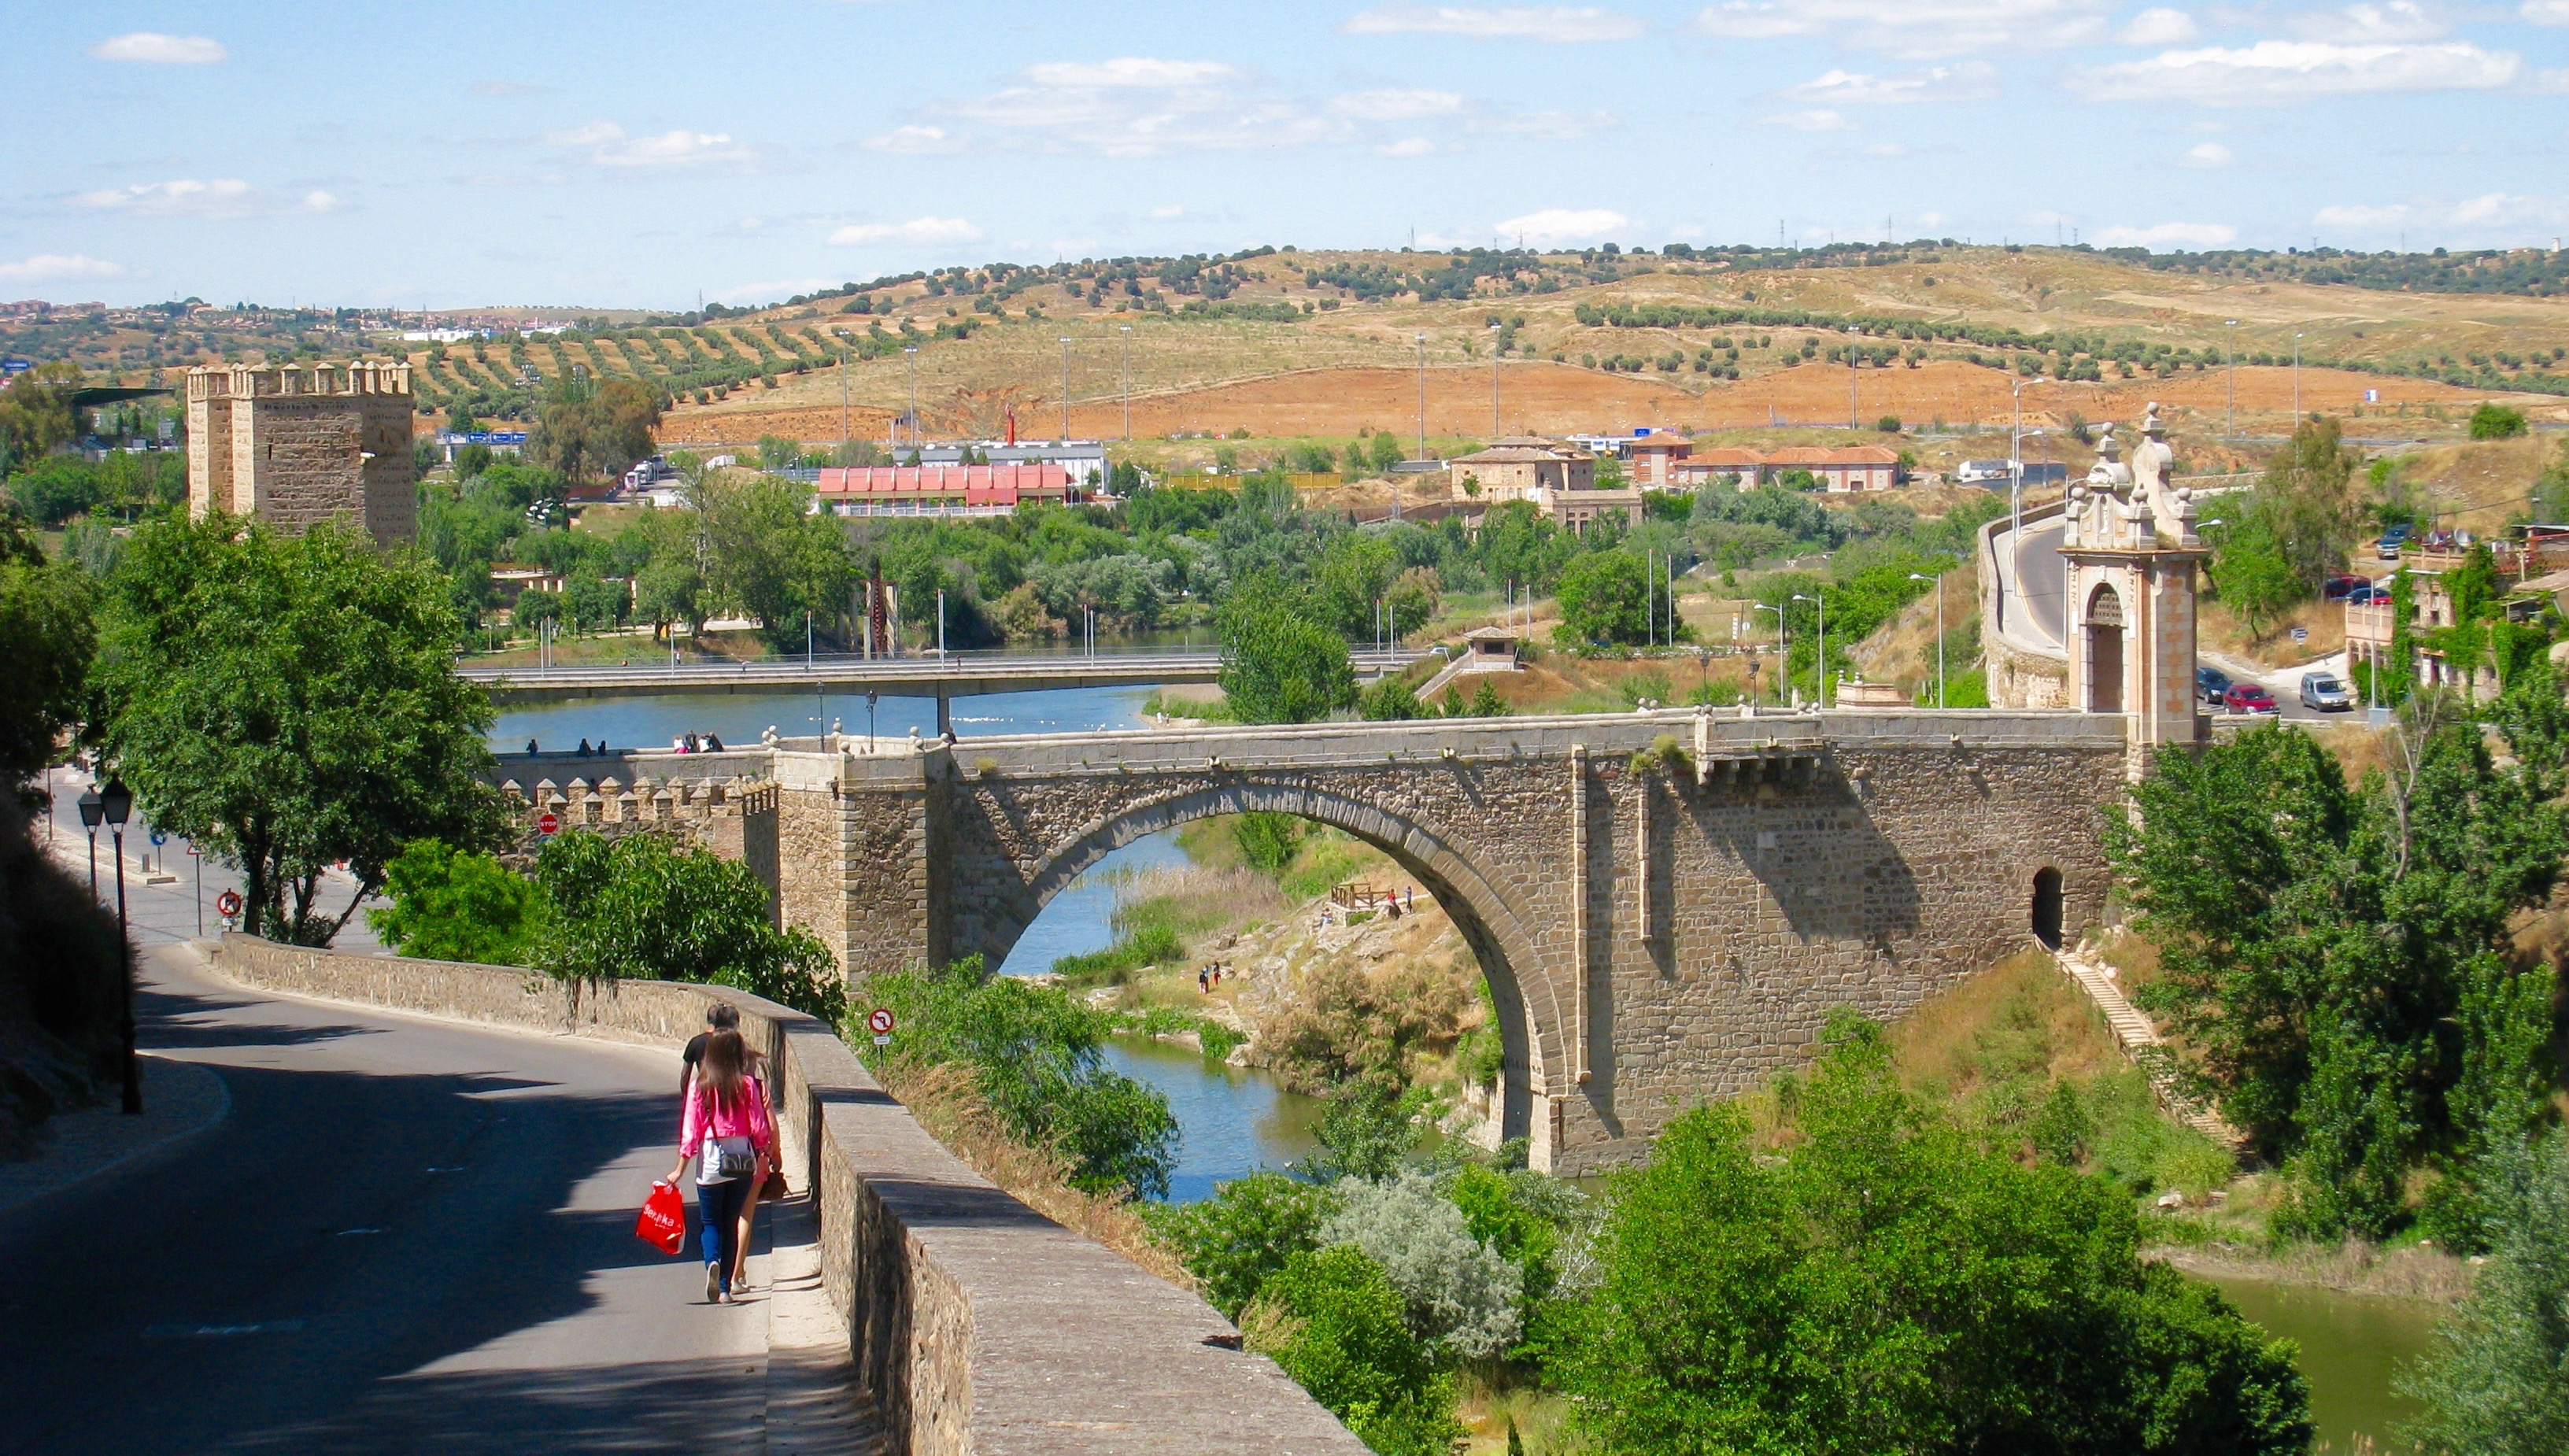 Puente de Alcántara, Spain